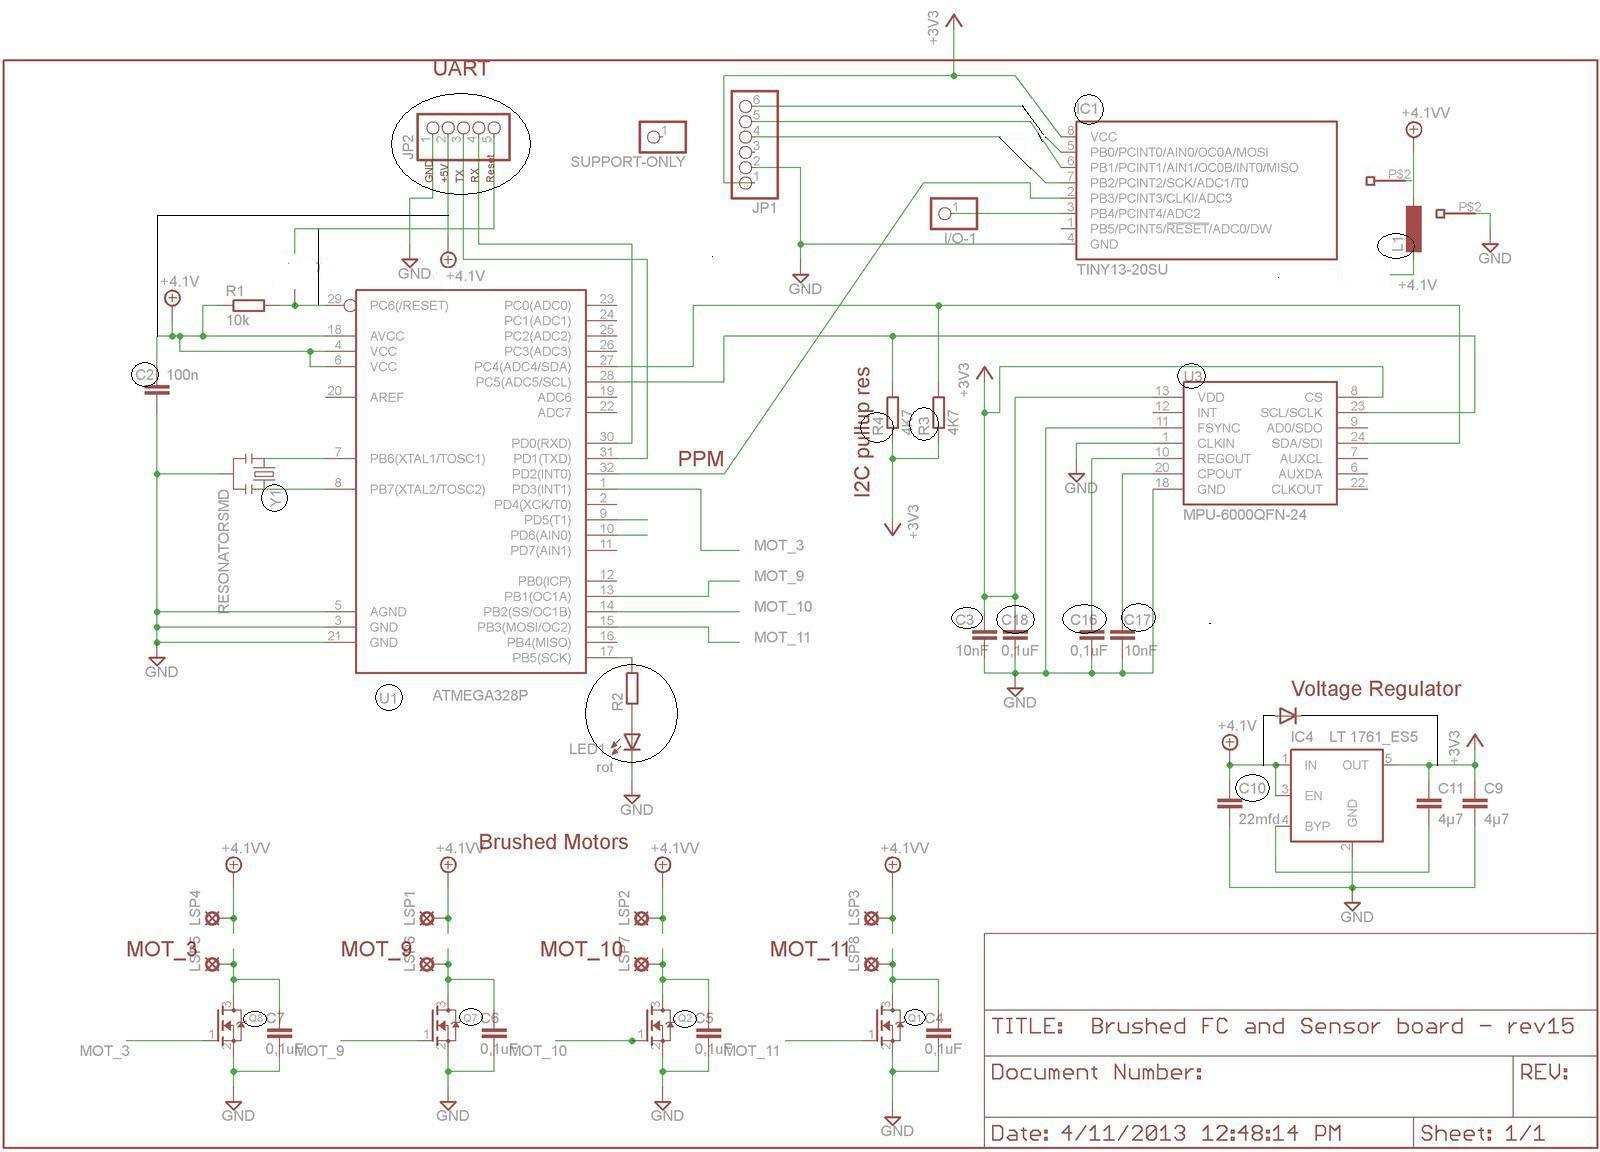 Phenomenal Gamecube Controller Wiring Diagram Basic Electronics Wiring Diagram Wiring Cloud Grayisramohammedshrineorg